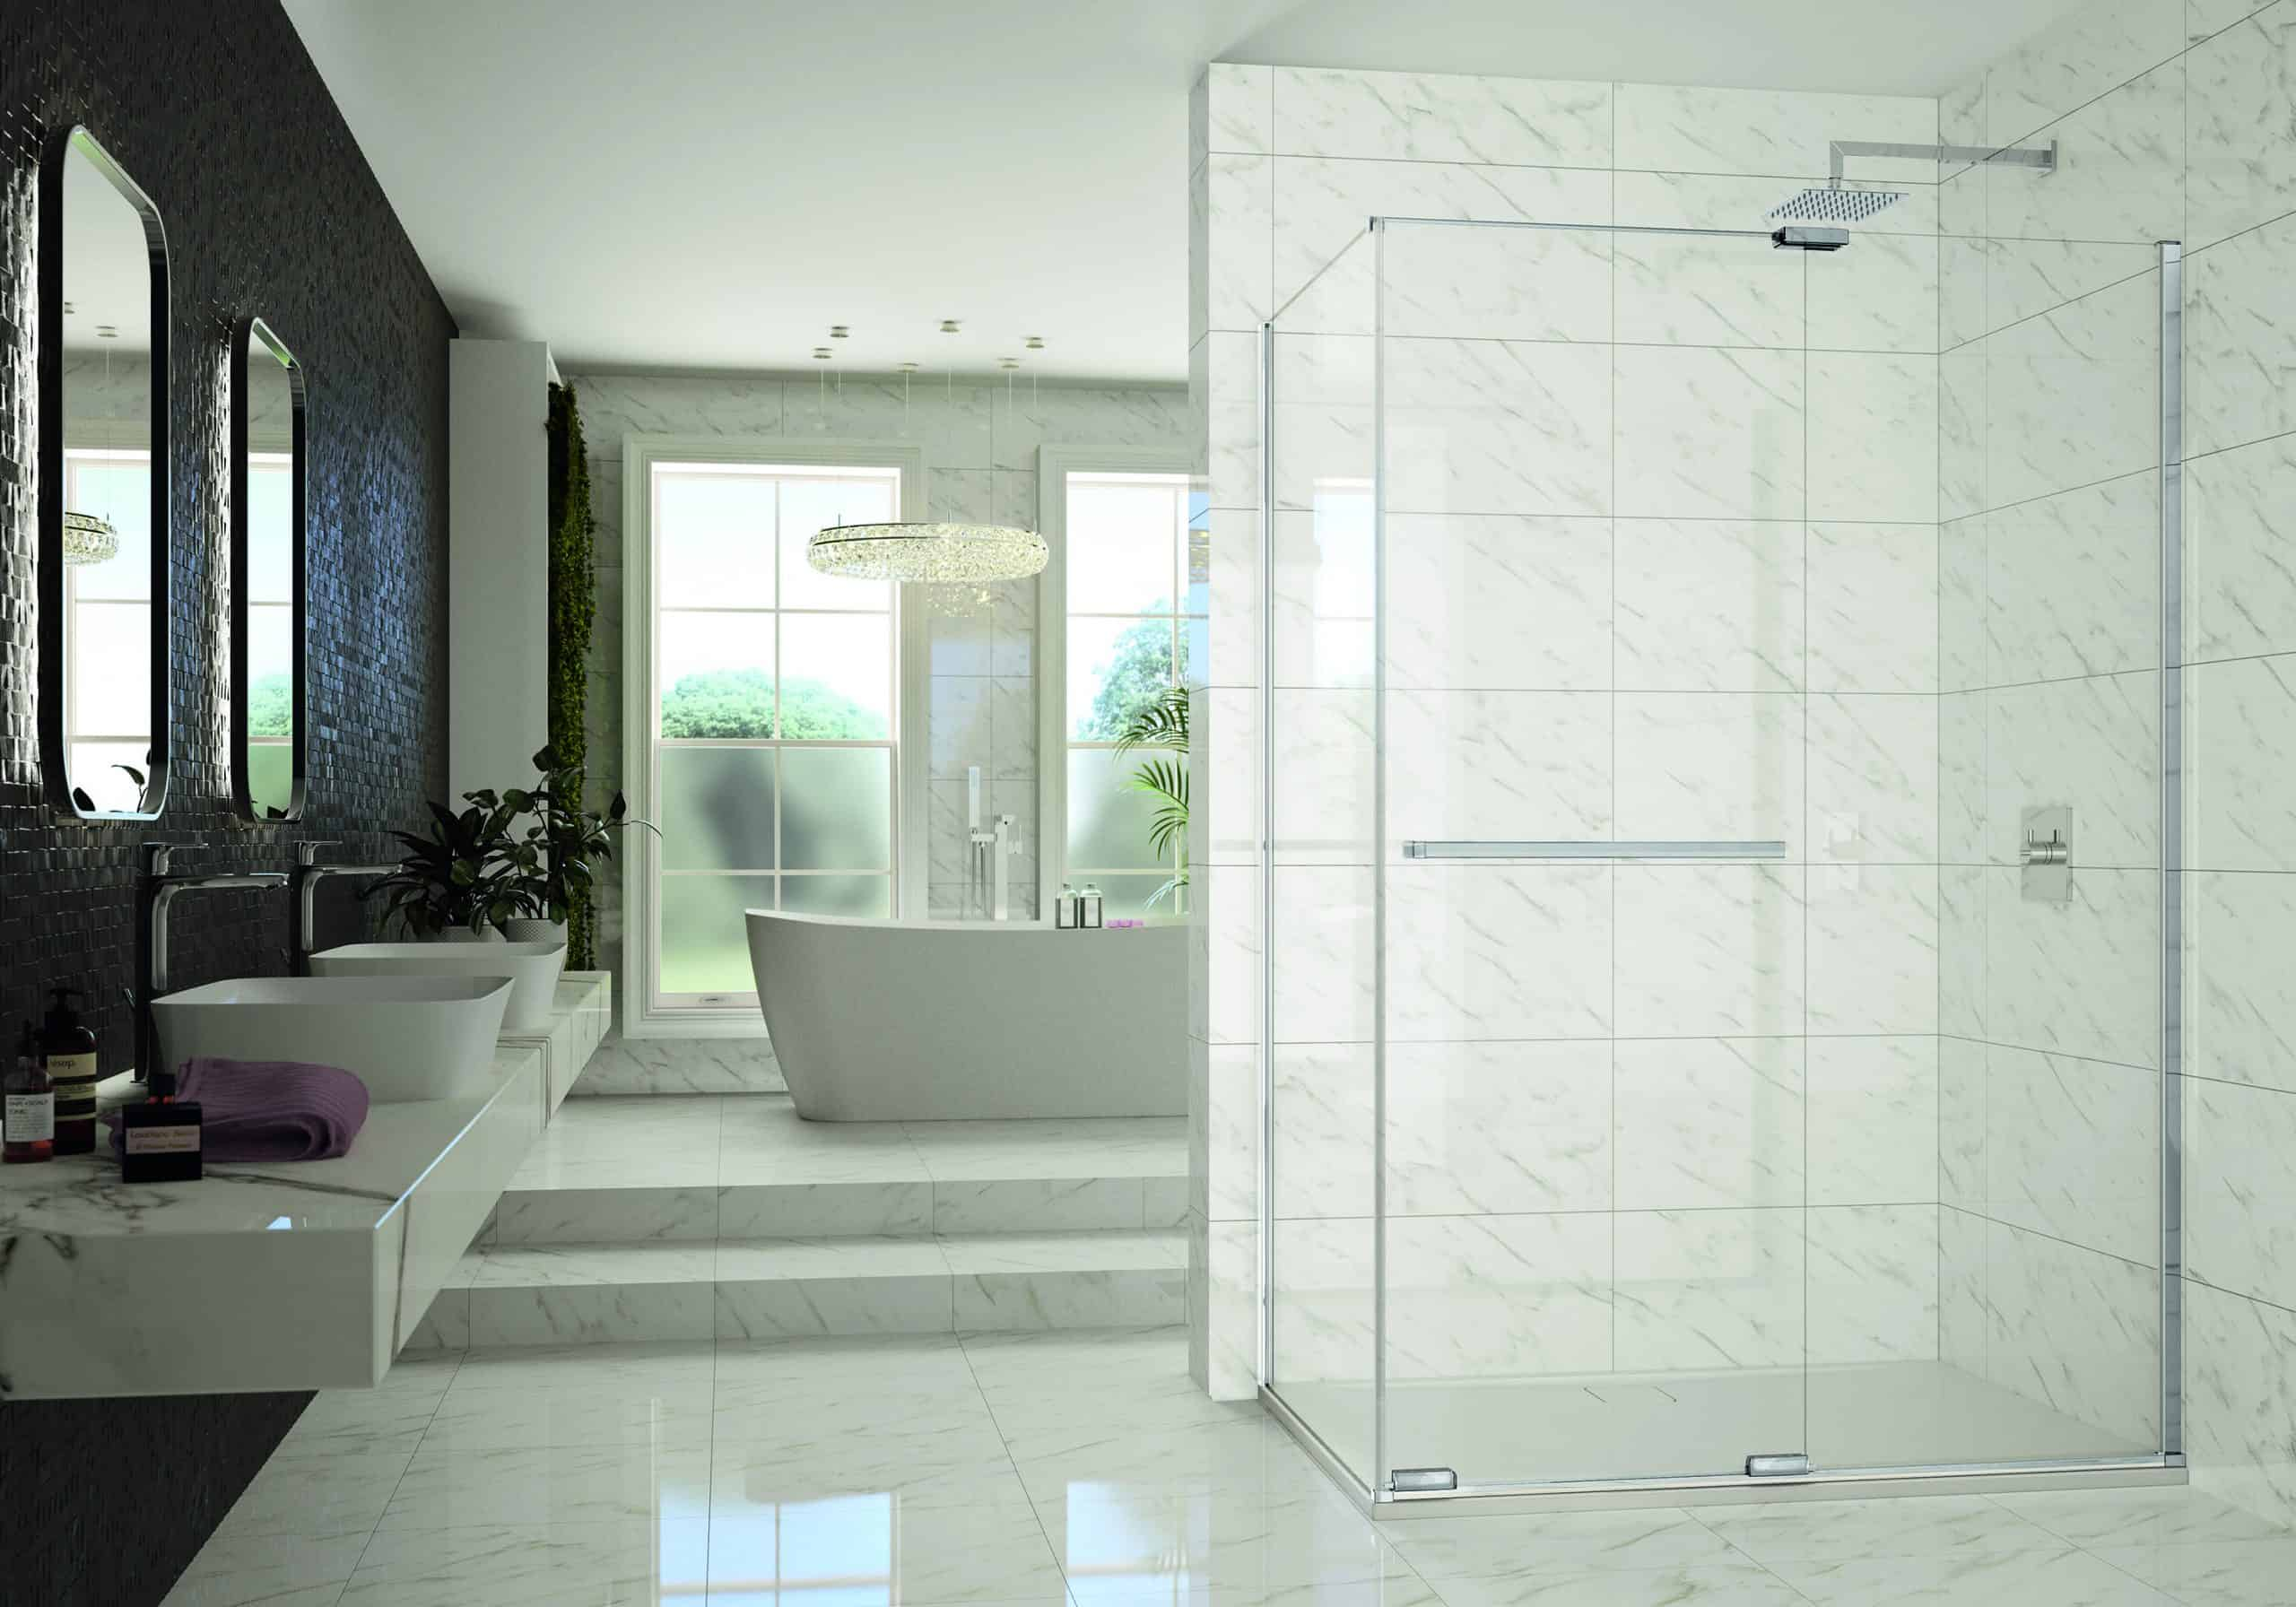 Keystone-Bathrooms-Bristol-Merlyn-Arysto